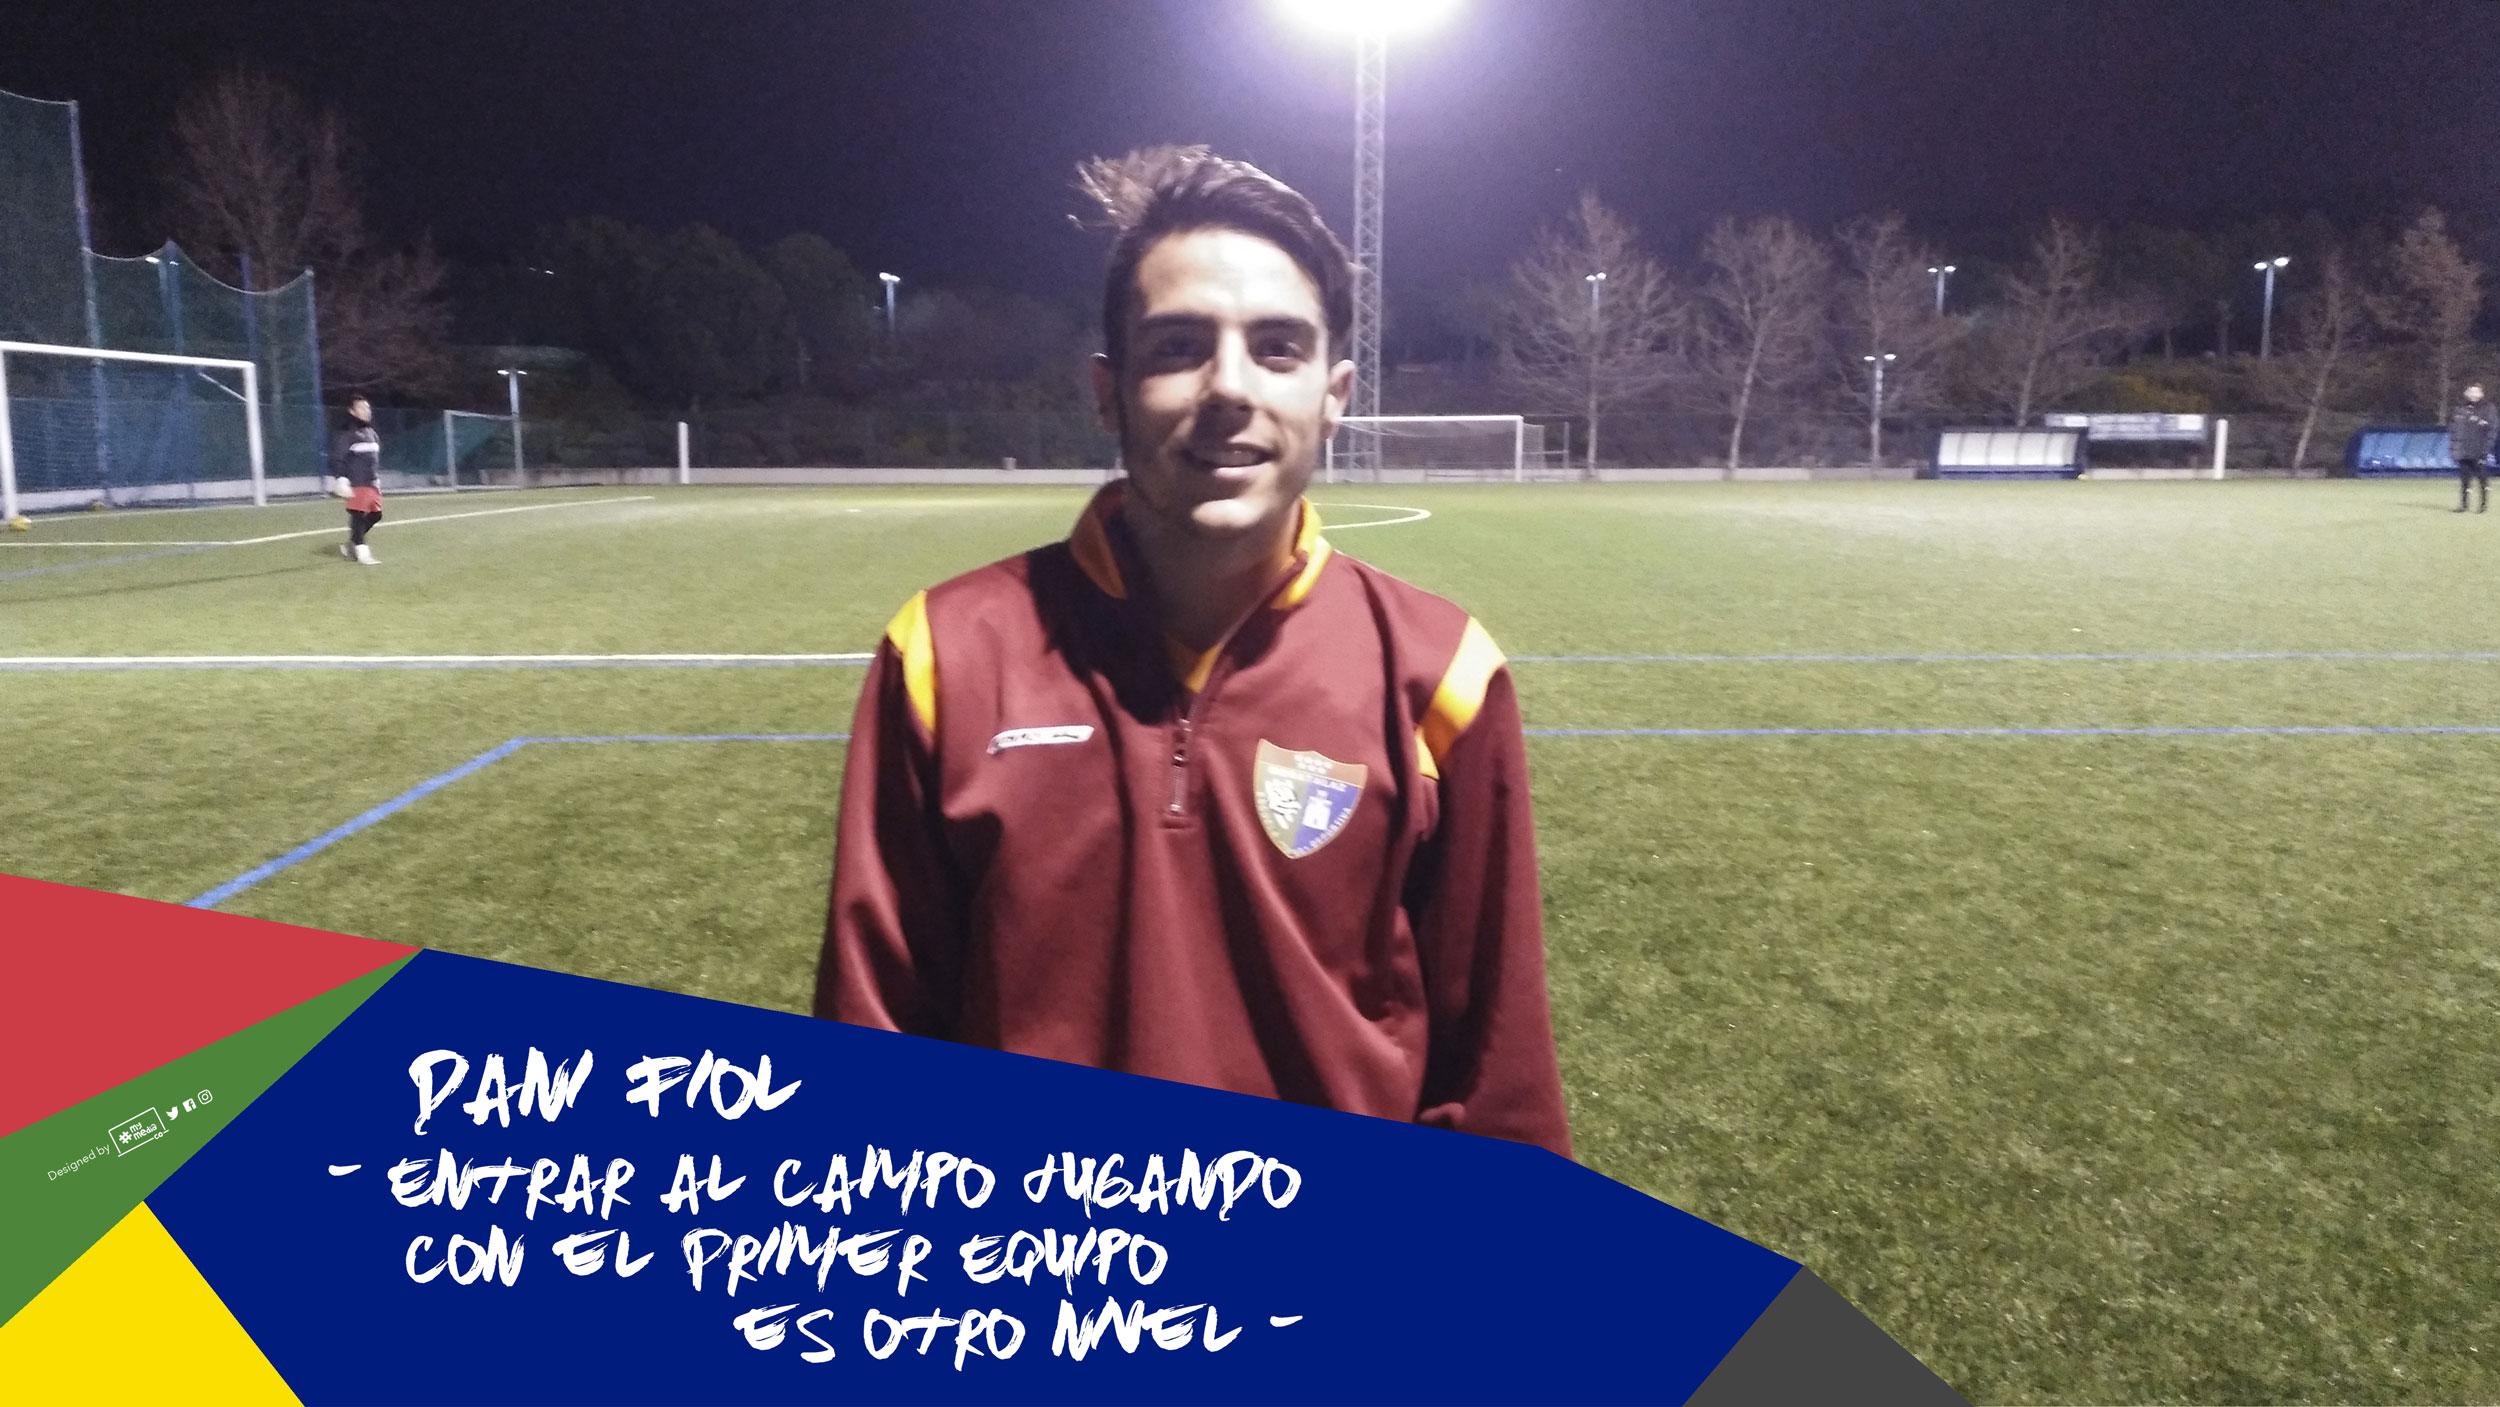 """Dani Fiol: """"Entrar al campo jugando con el Primer Equipo es otro nivel"""""""